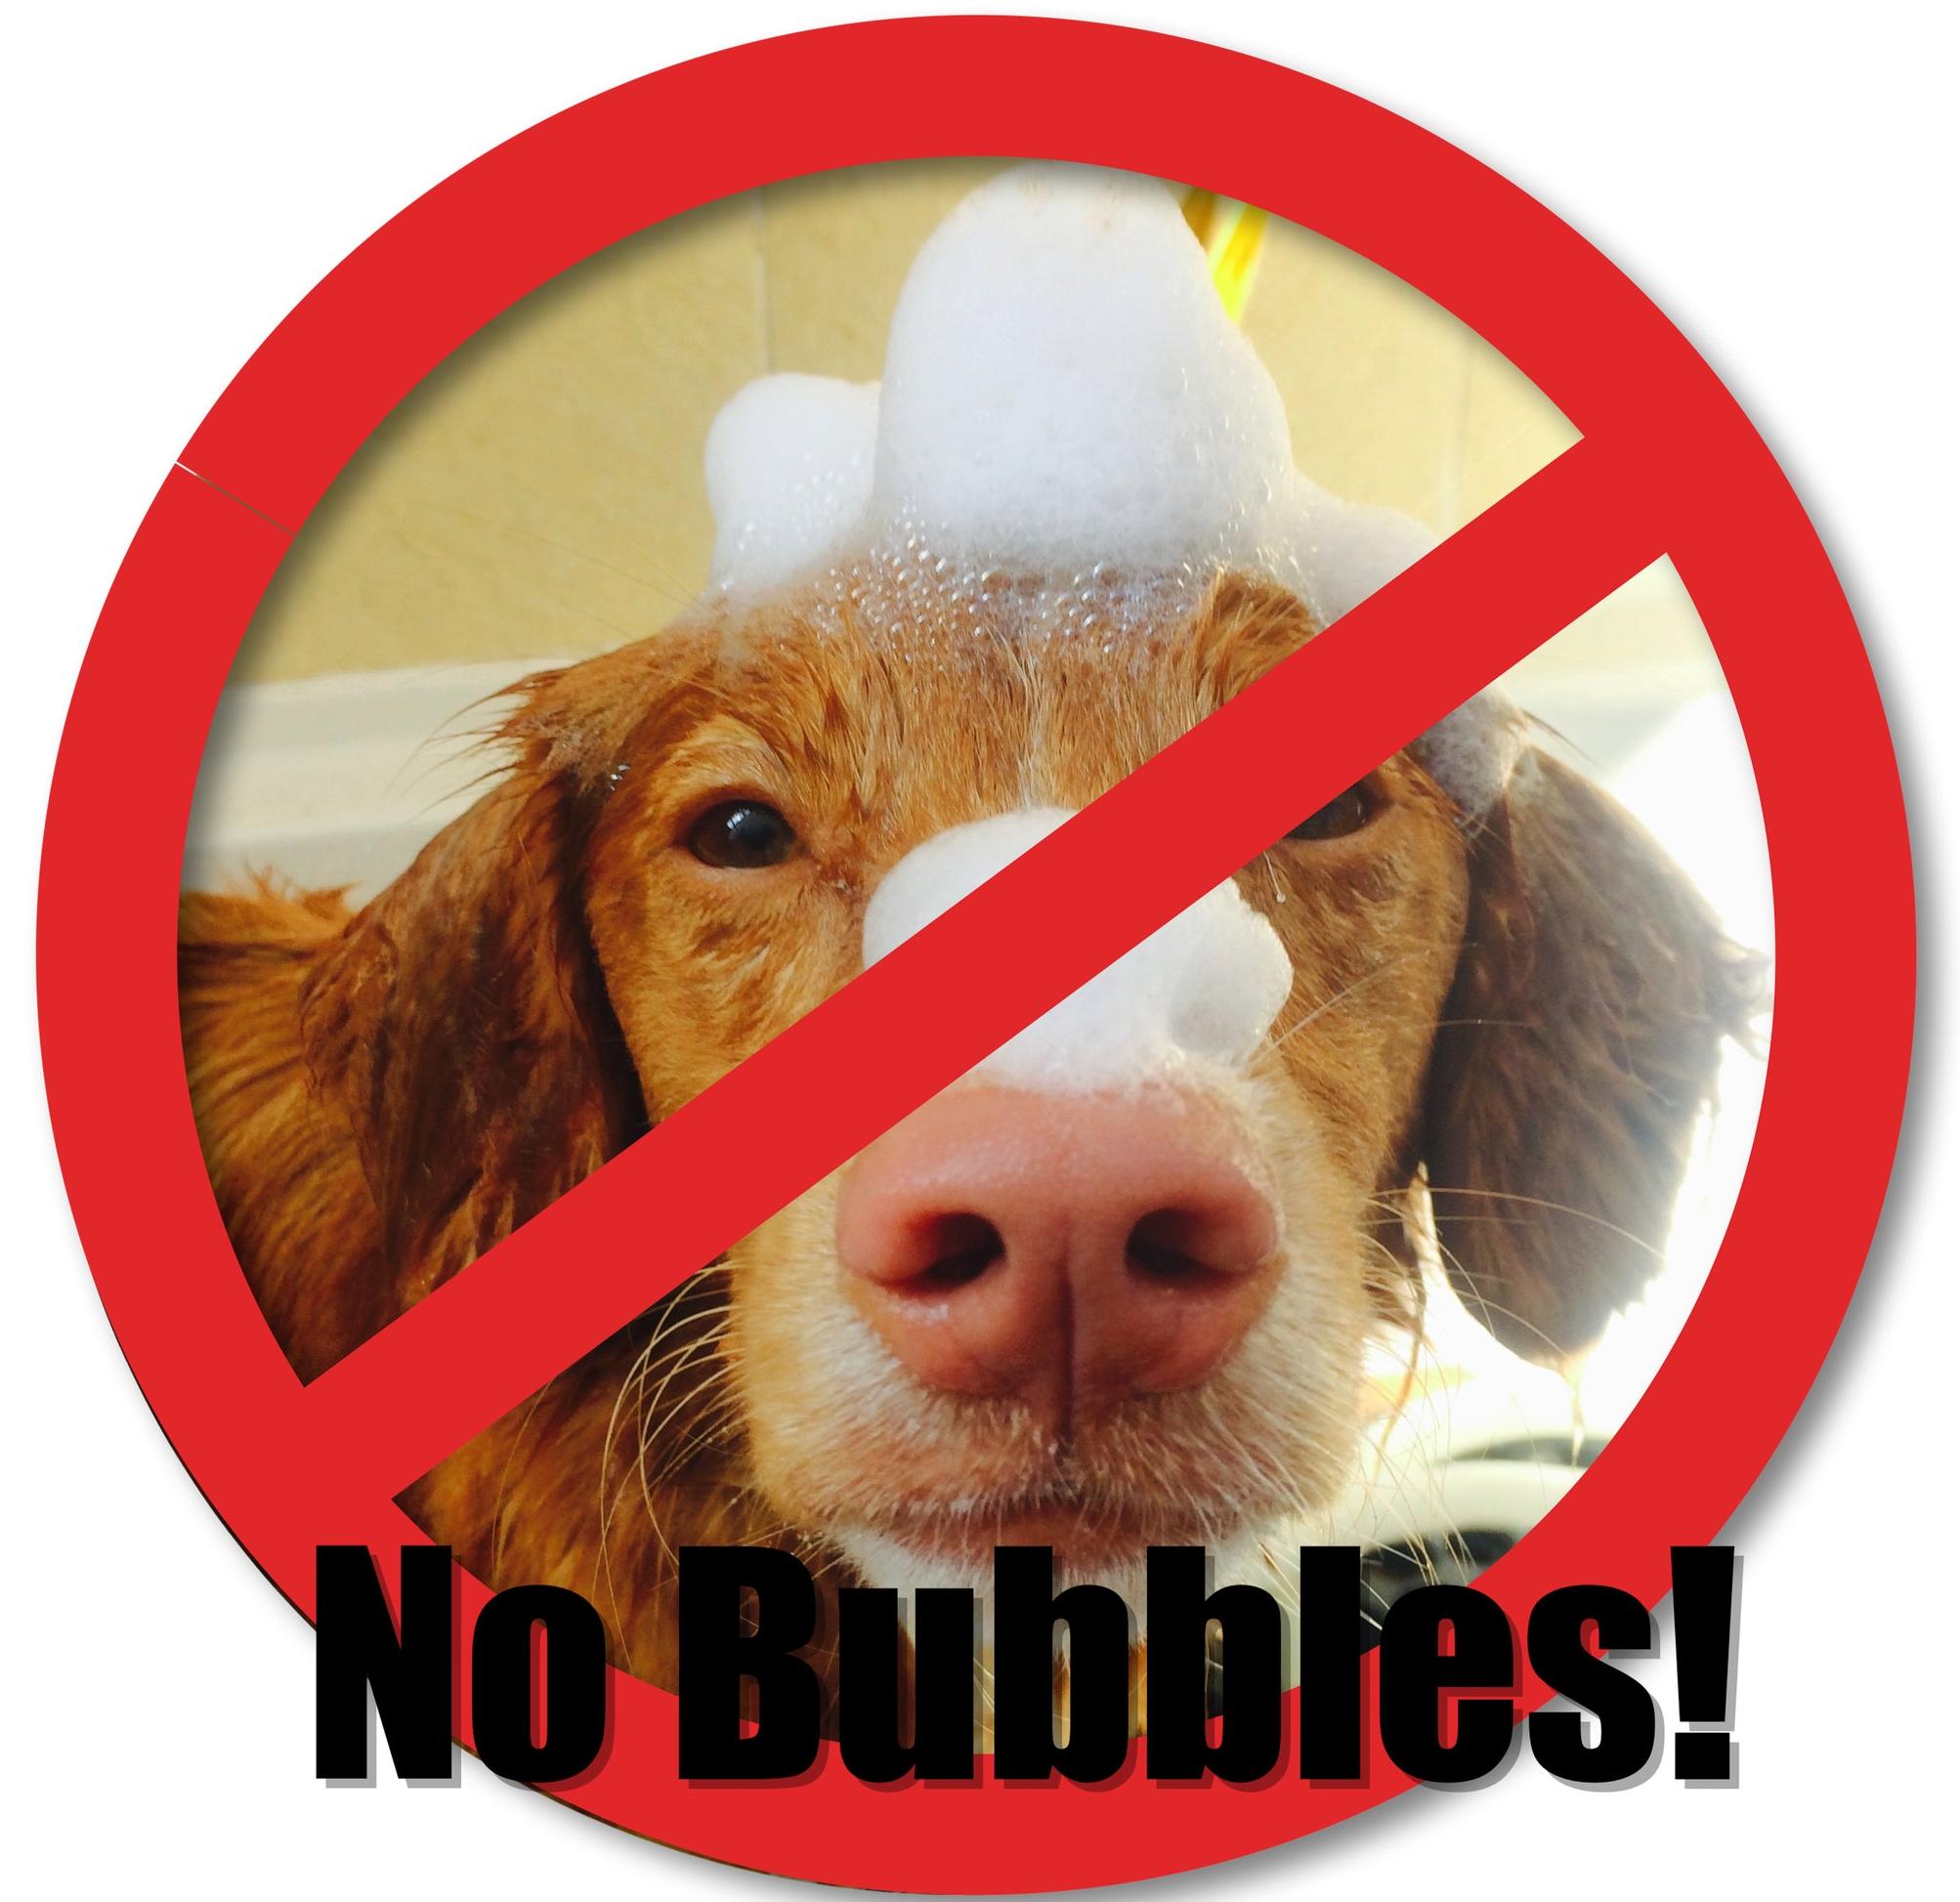 No Bubbles!.jpg